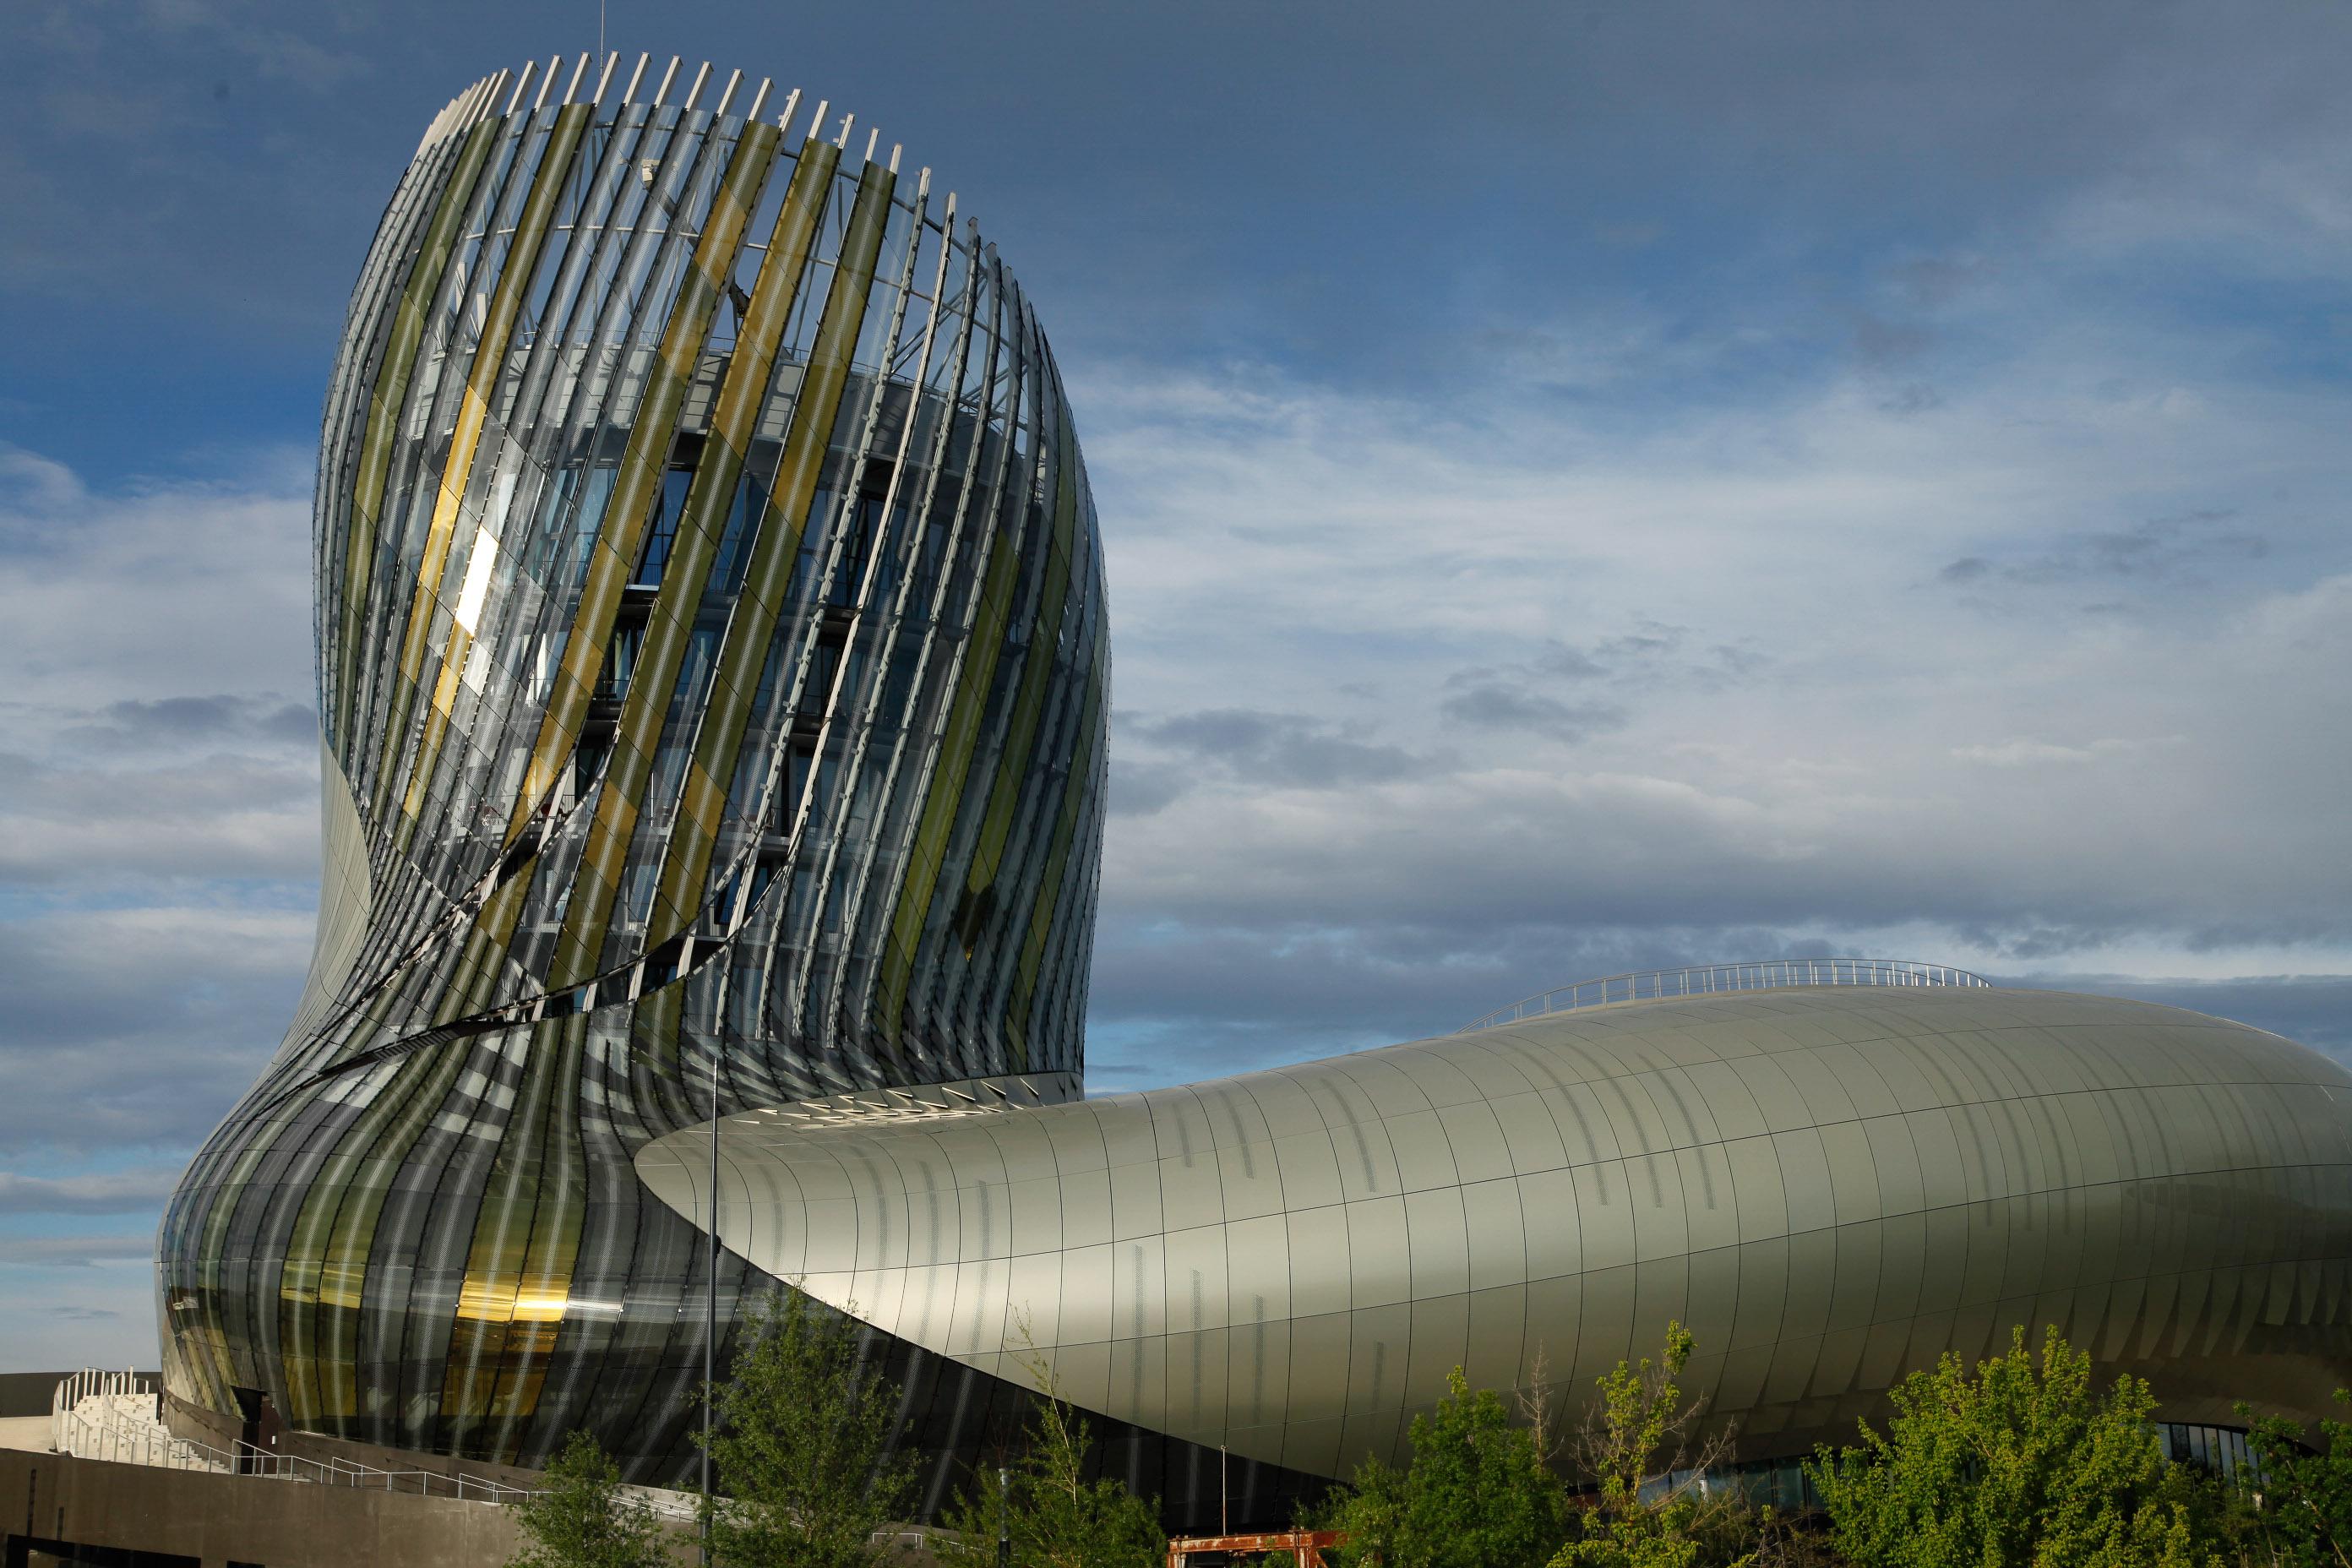 Das Weinmuseum von Bordeaux, die cité du vin.